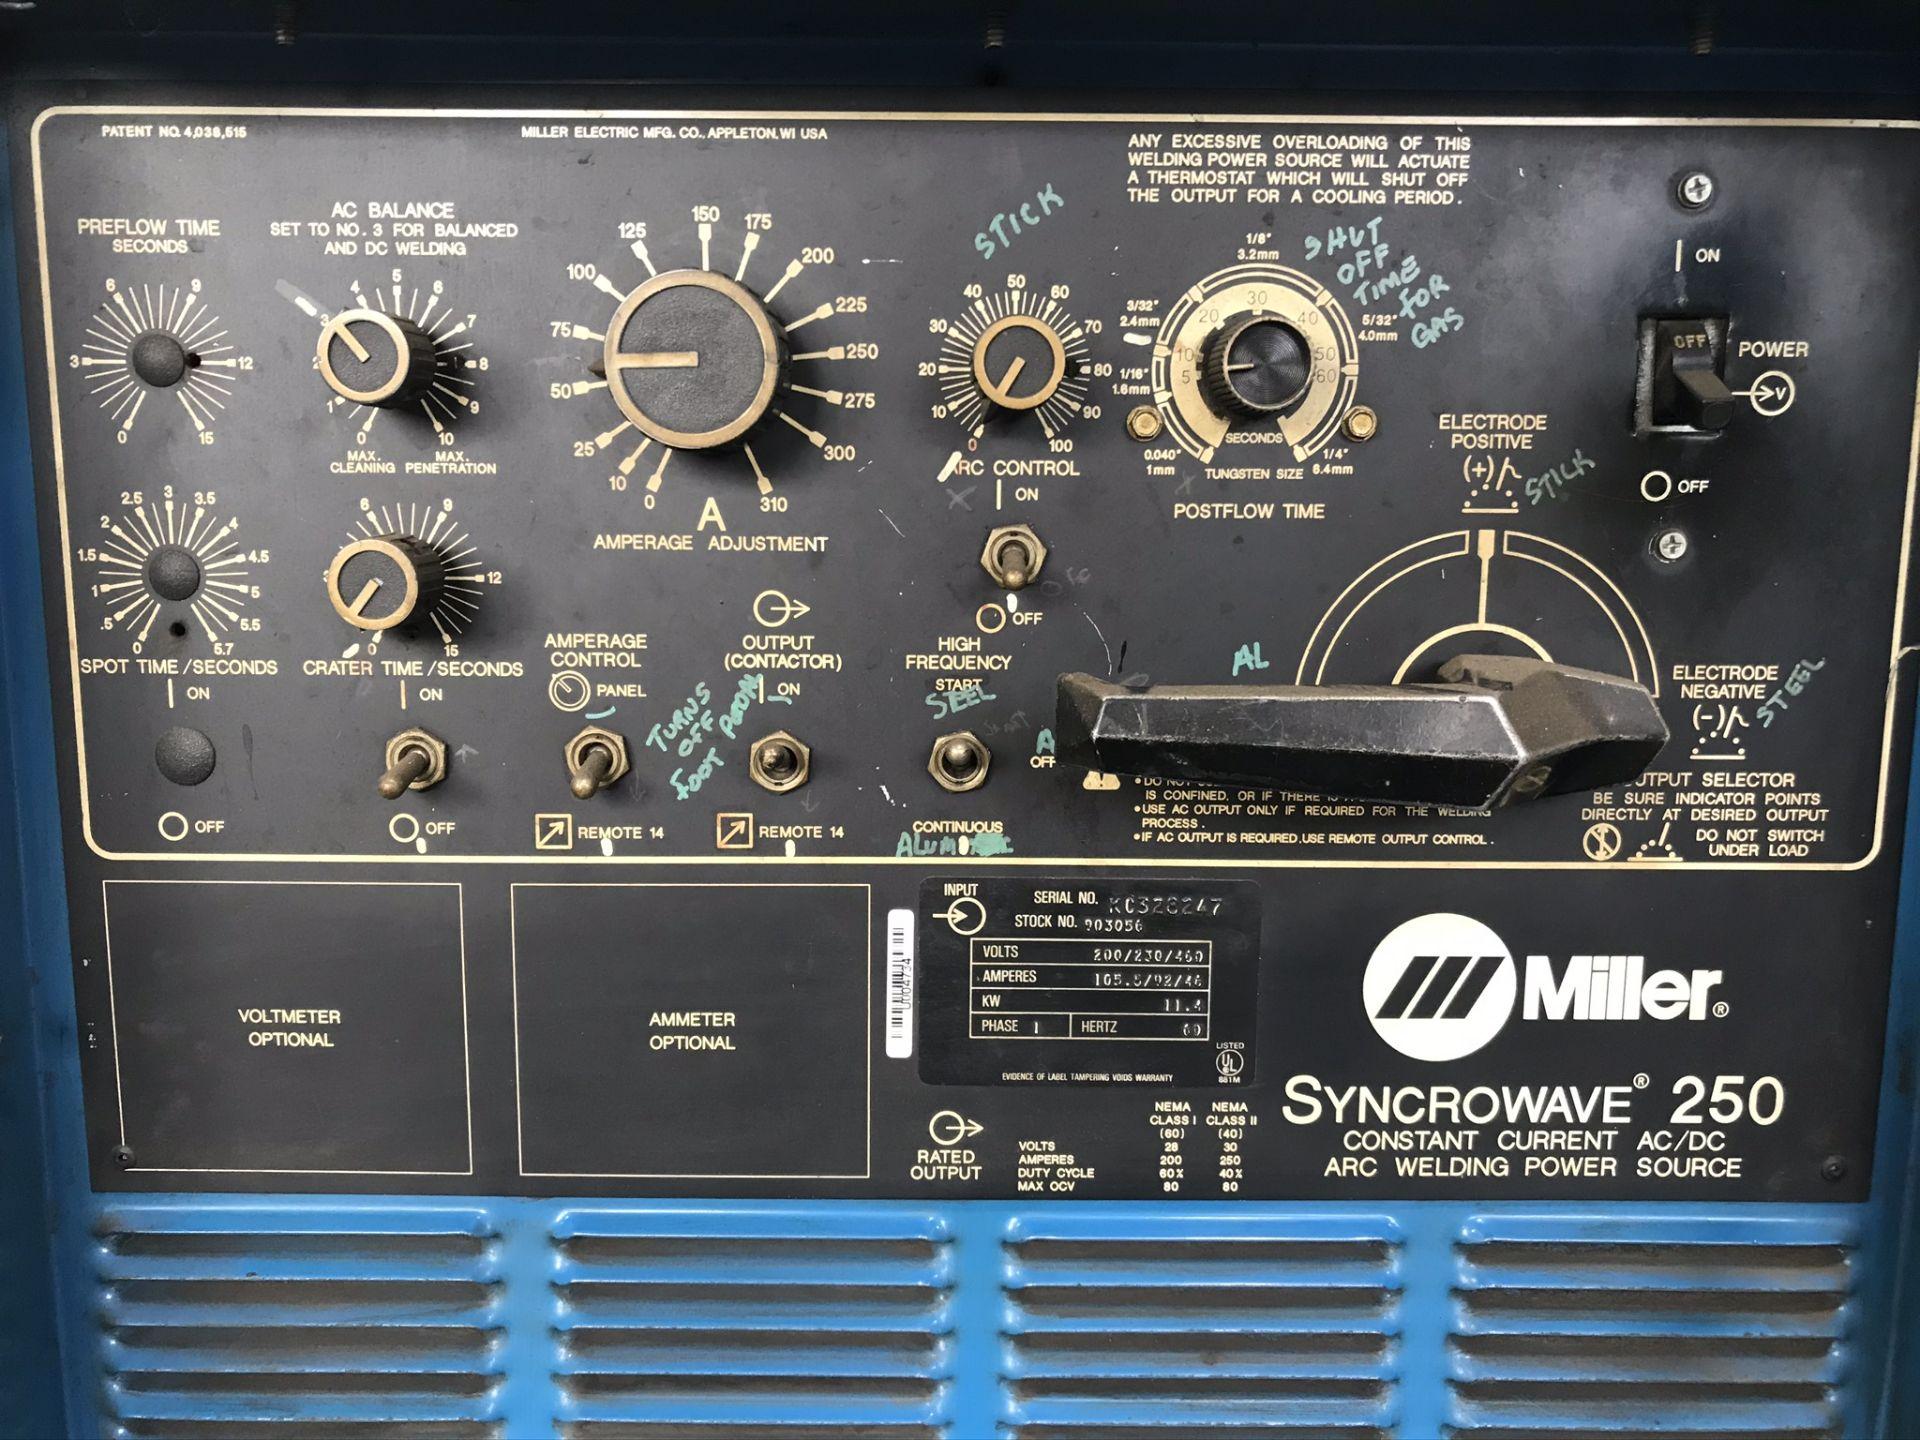 Miller Syncrowave 250 Welder w/ Coolmate 4 Chiller - Image 3 of 3